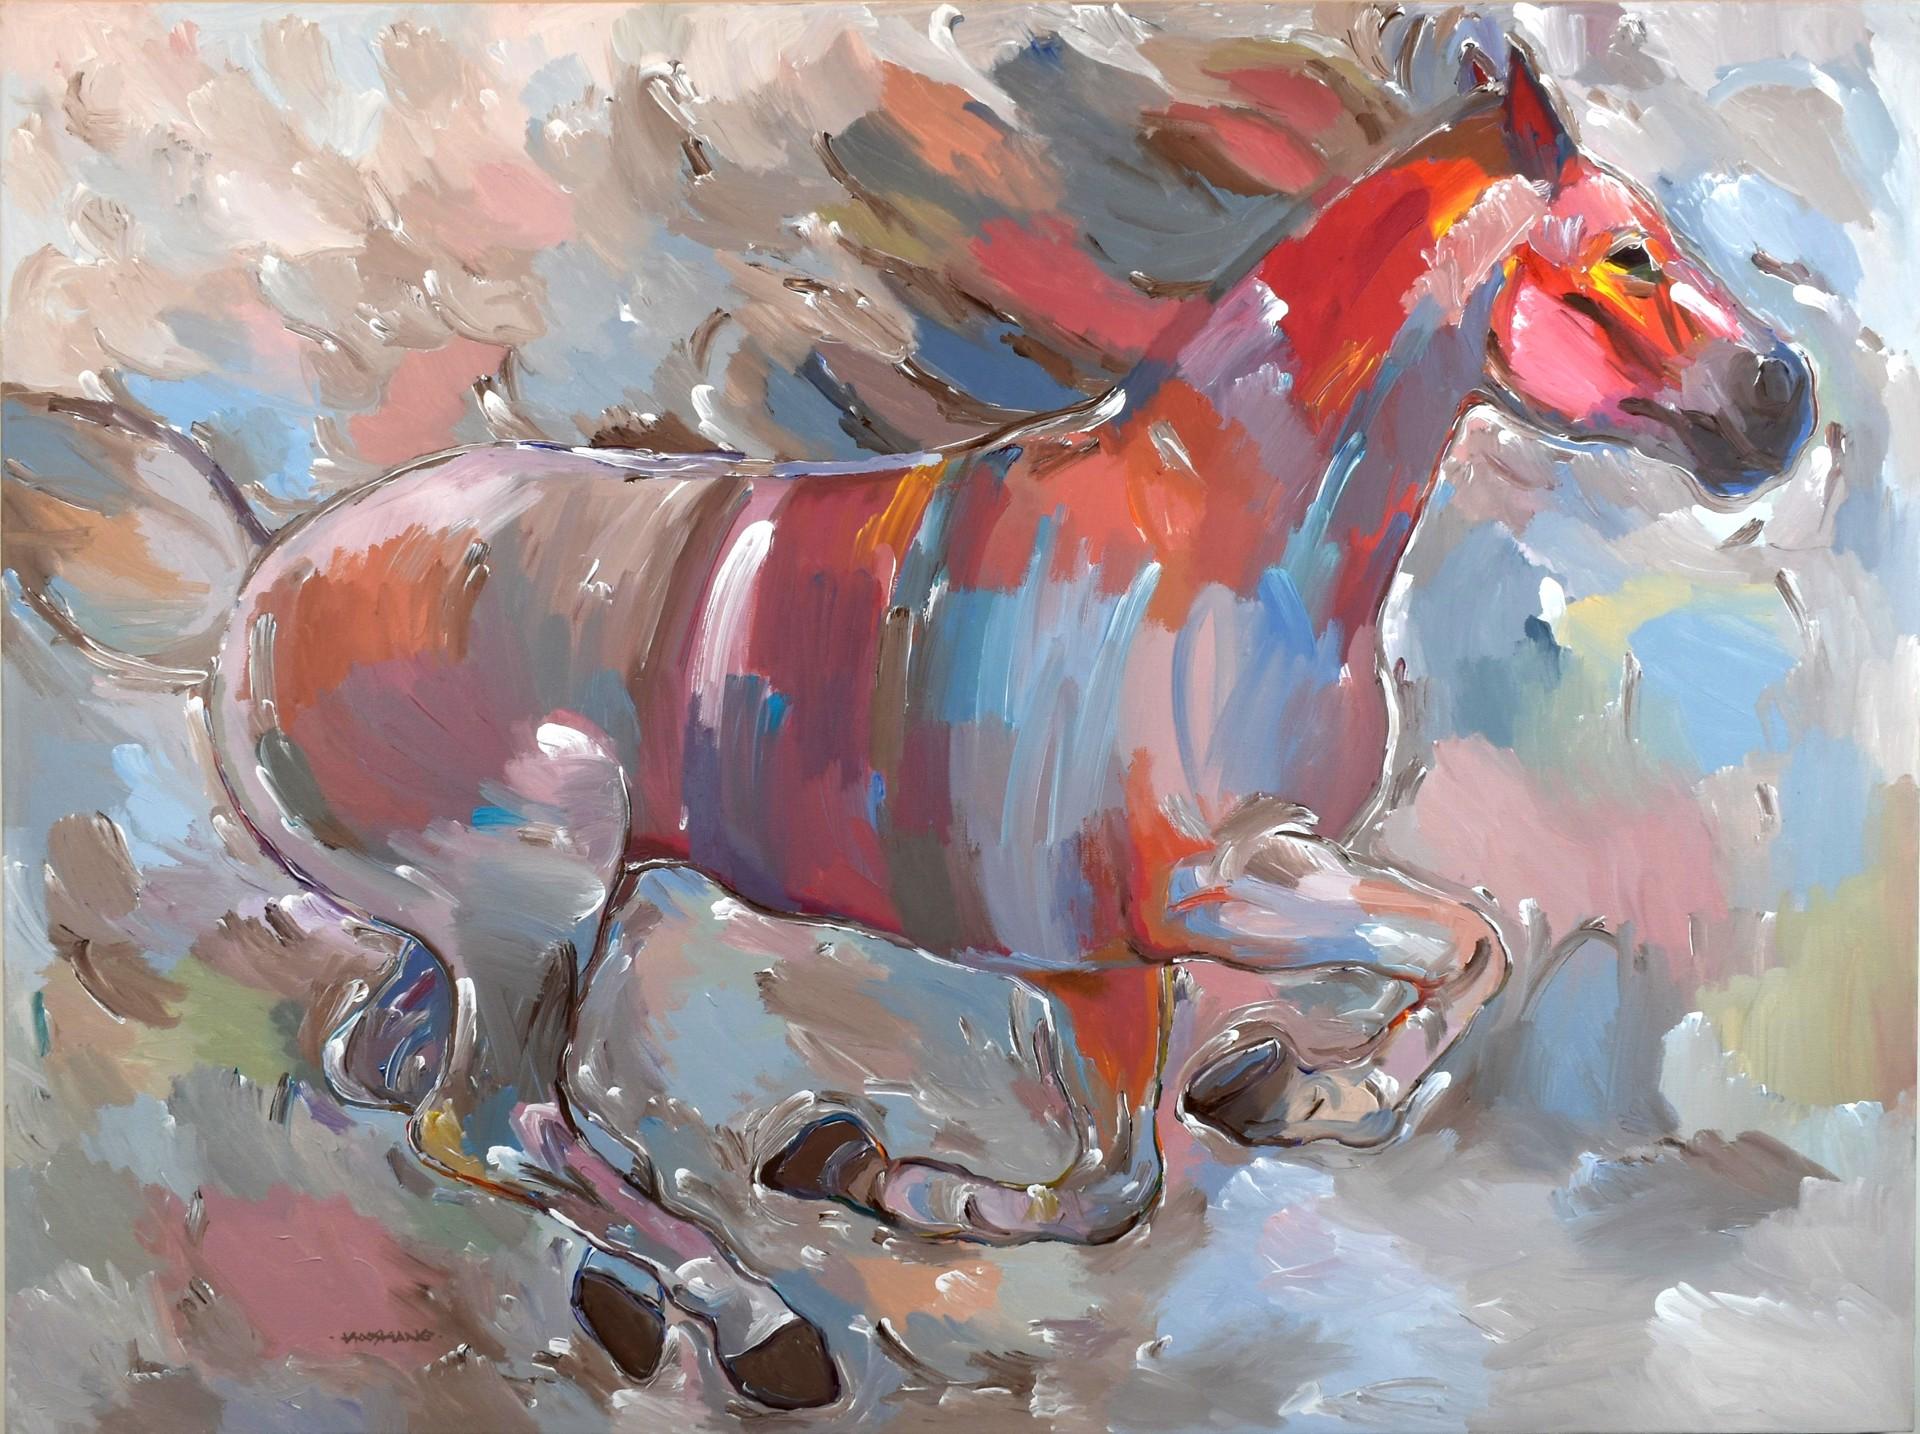 Power Runner by Hooshang Khorasani